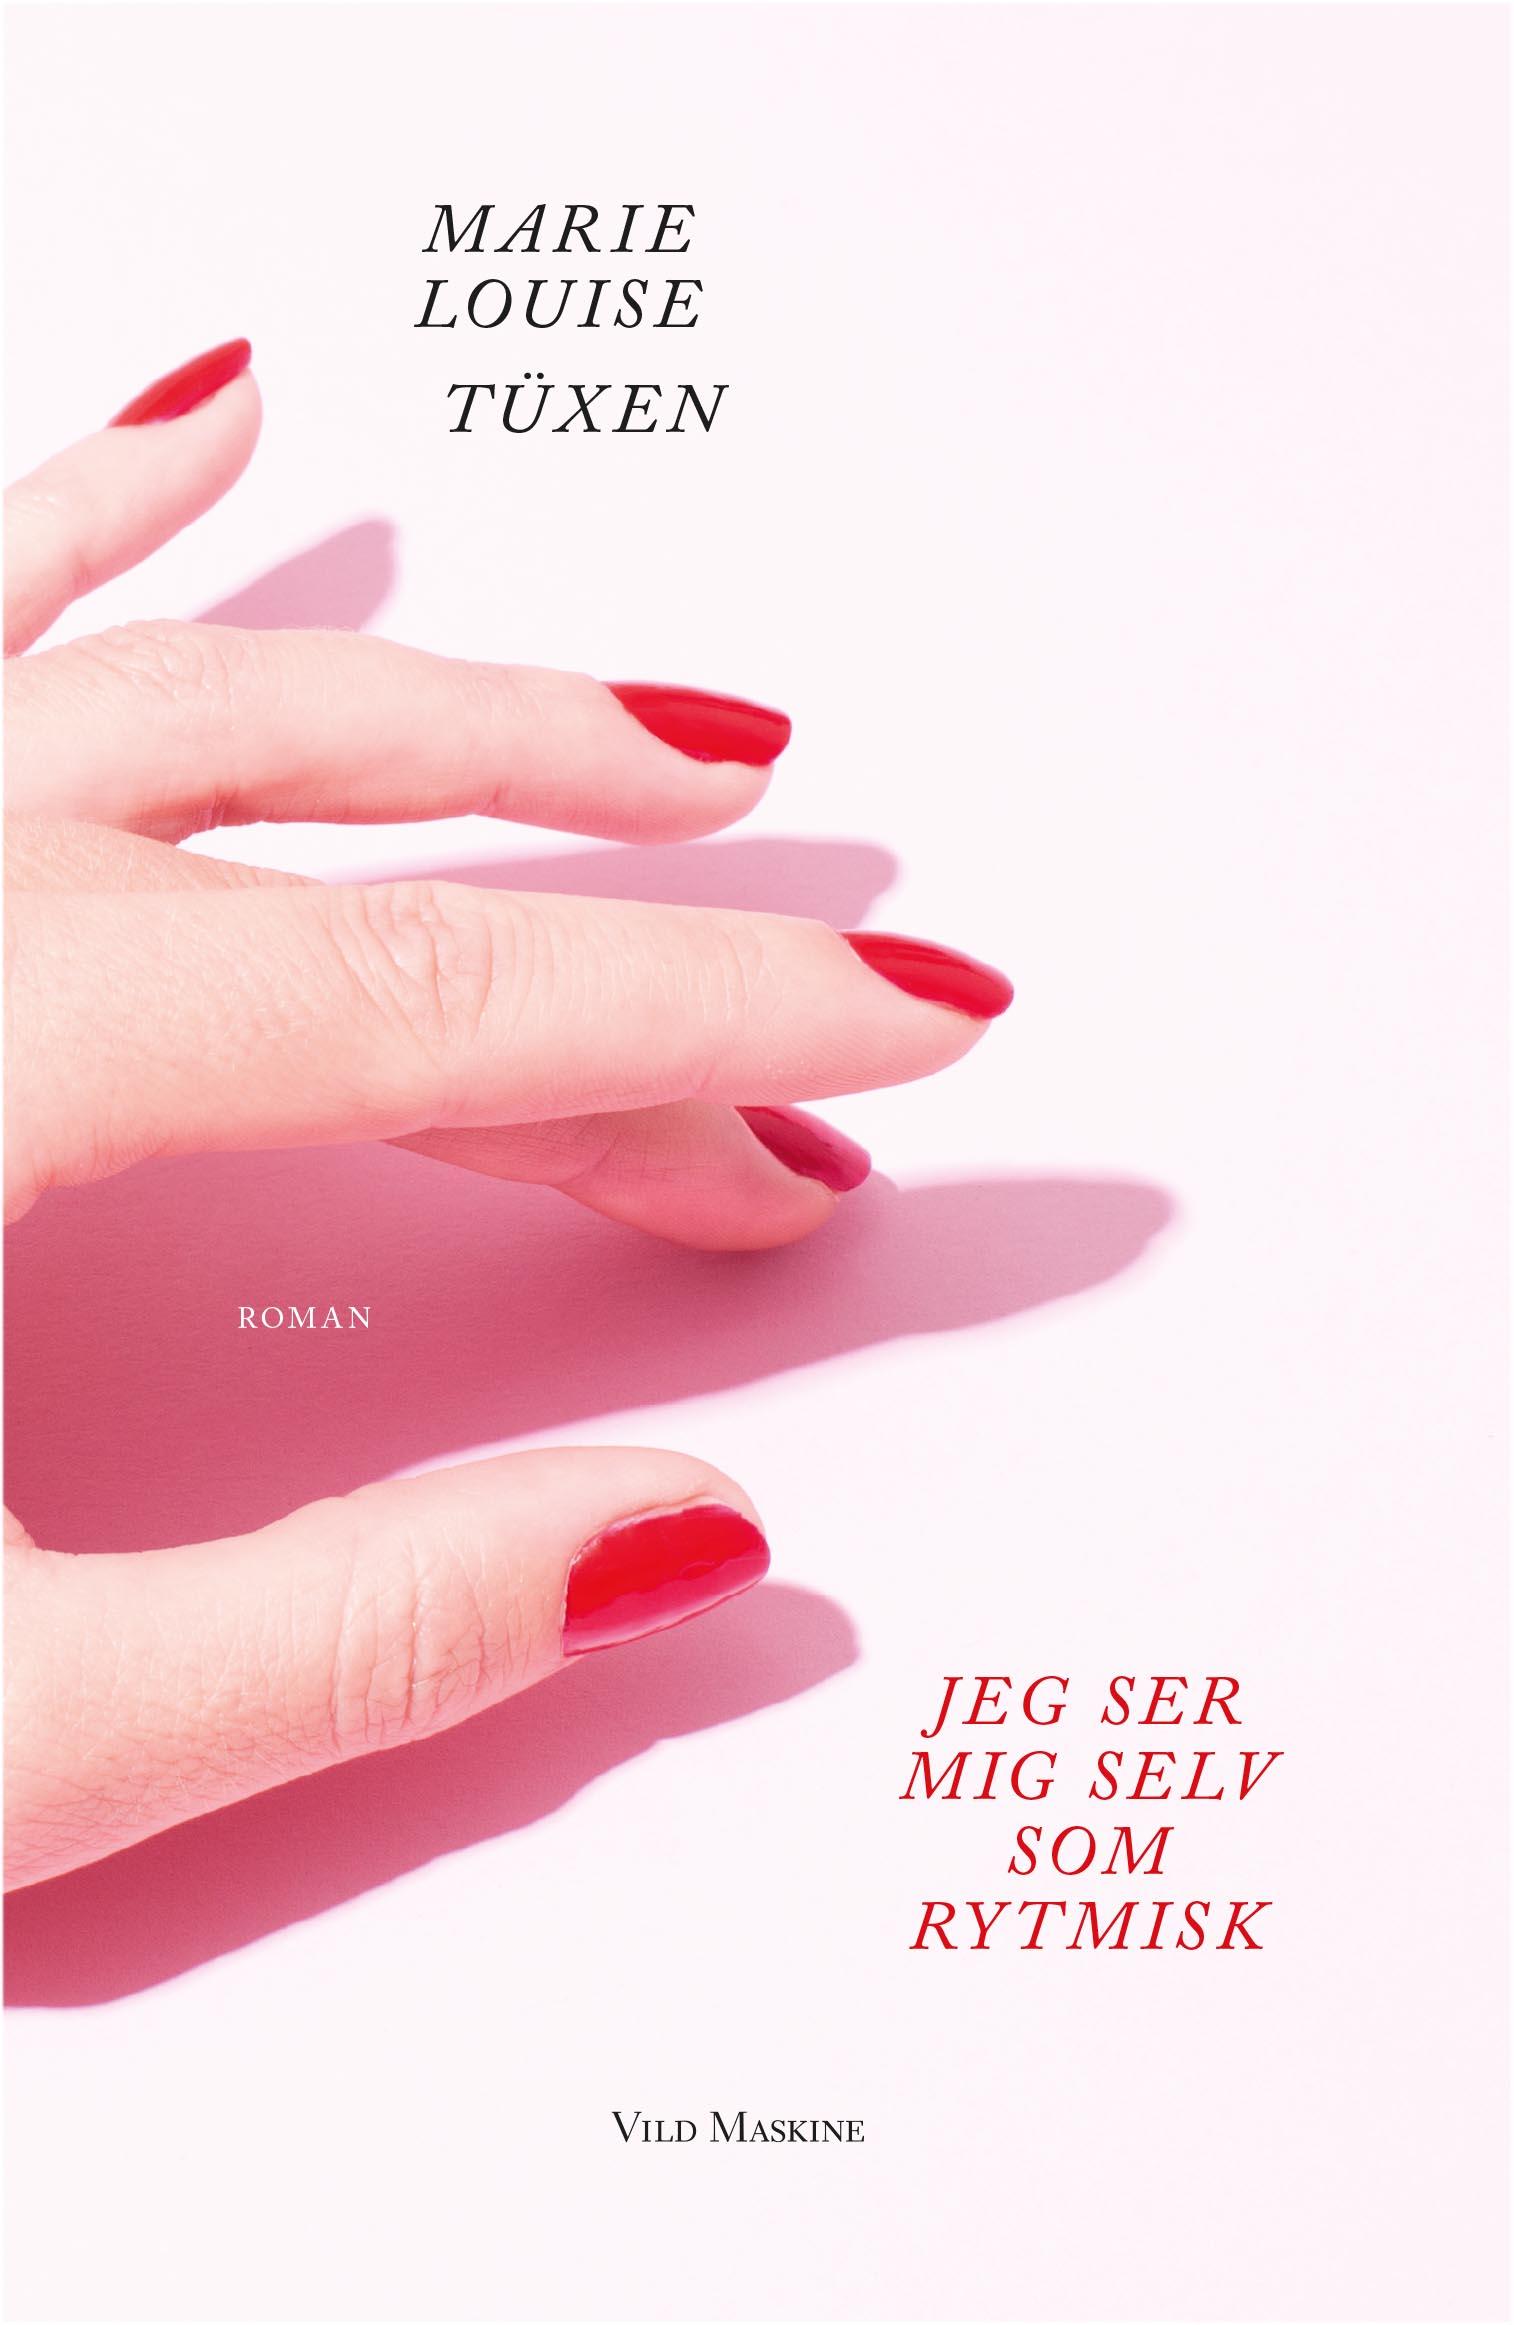 Jeg ser mig selv som rytmisk, debutroman af Marie Louise Tüxen. Udkommer 11. oktober 2017.